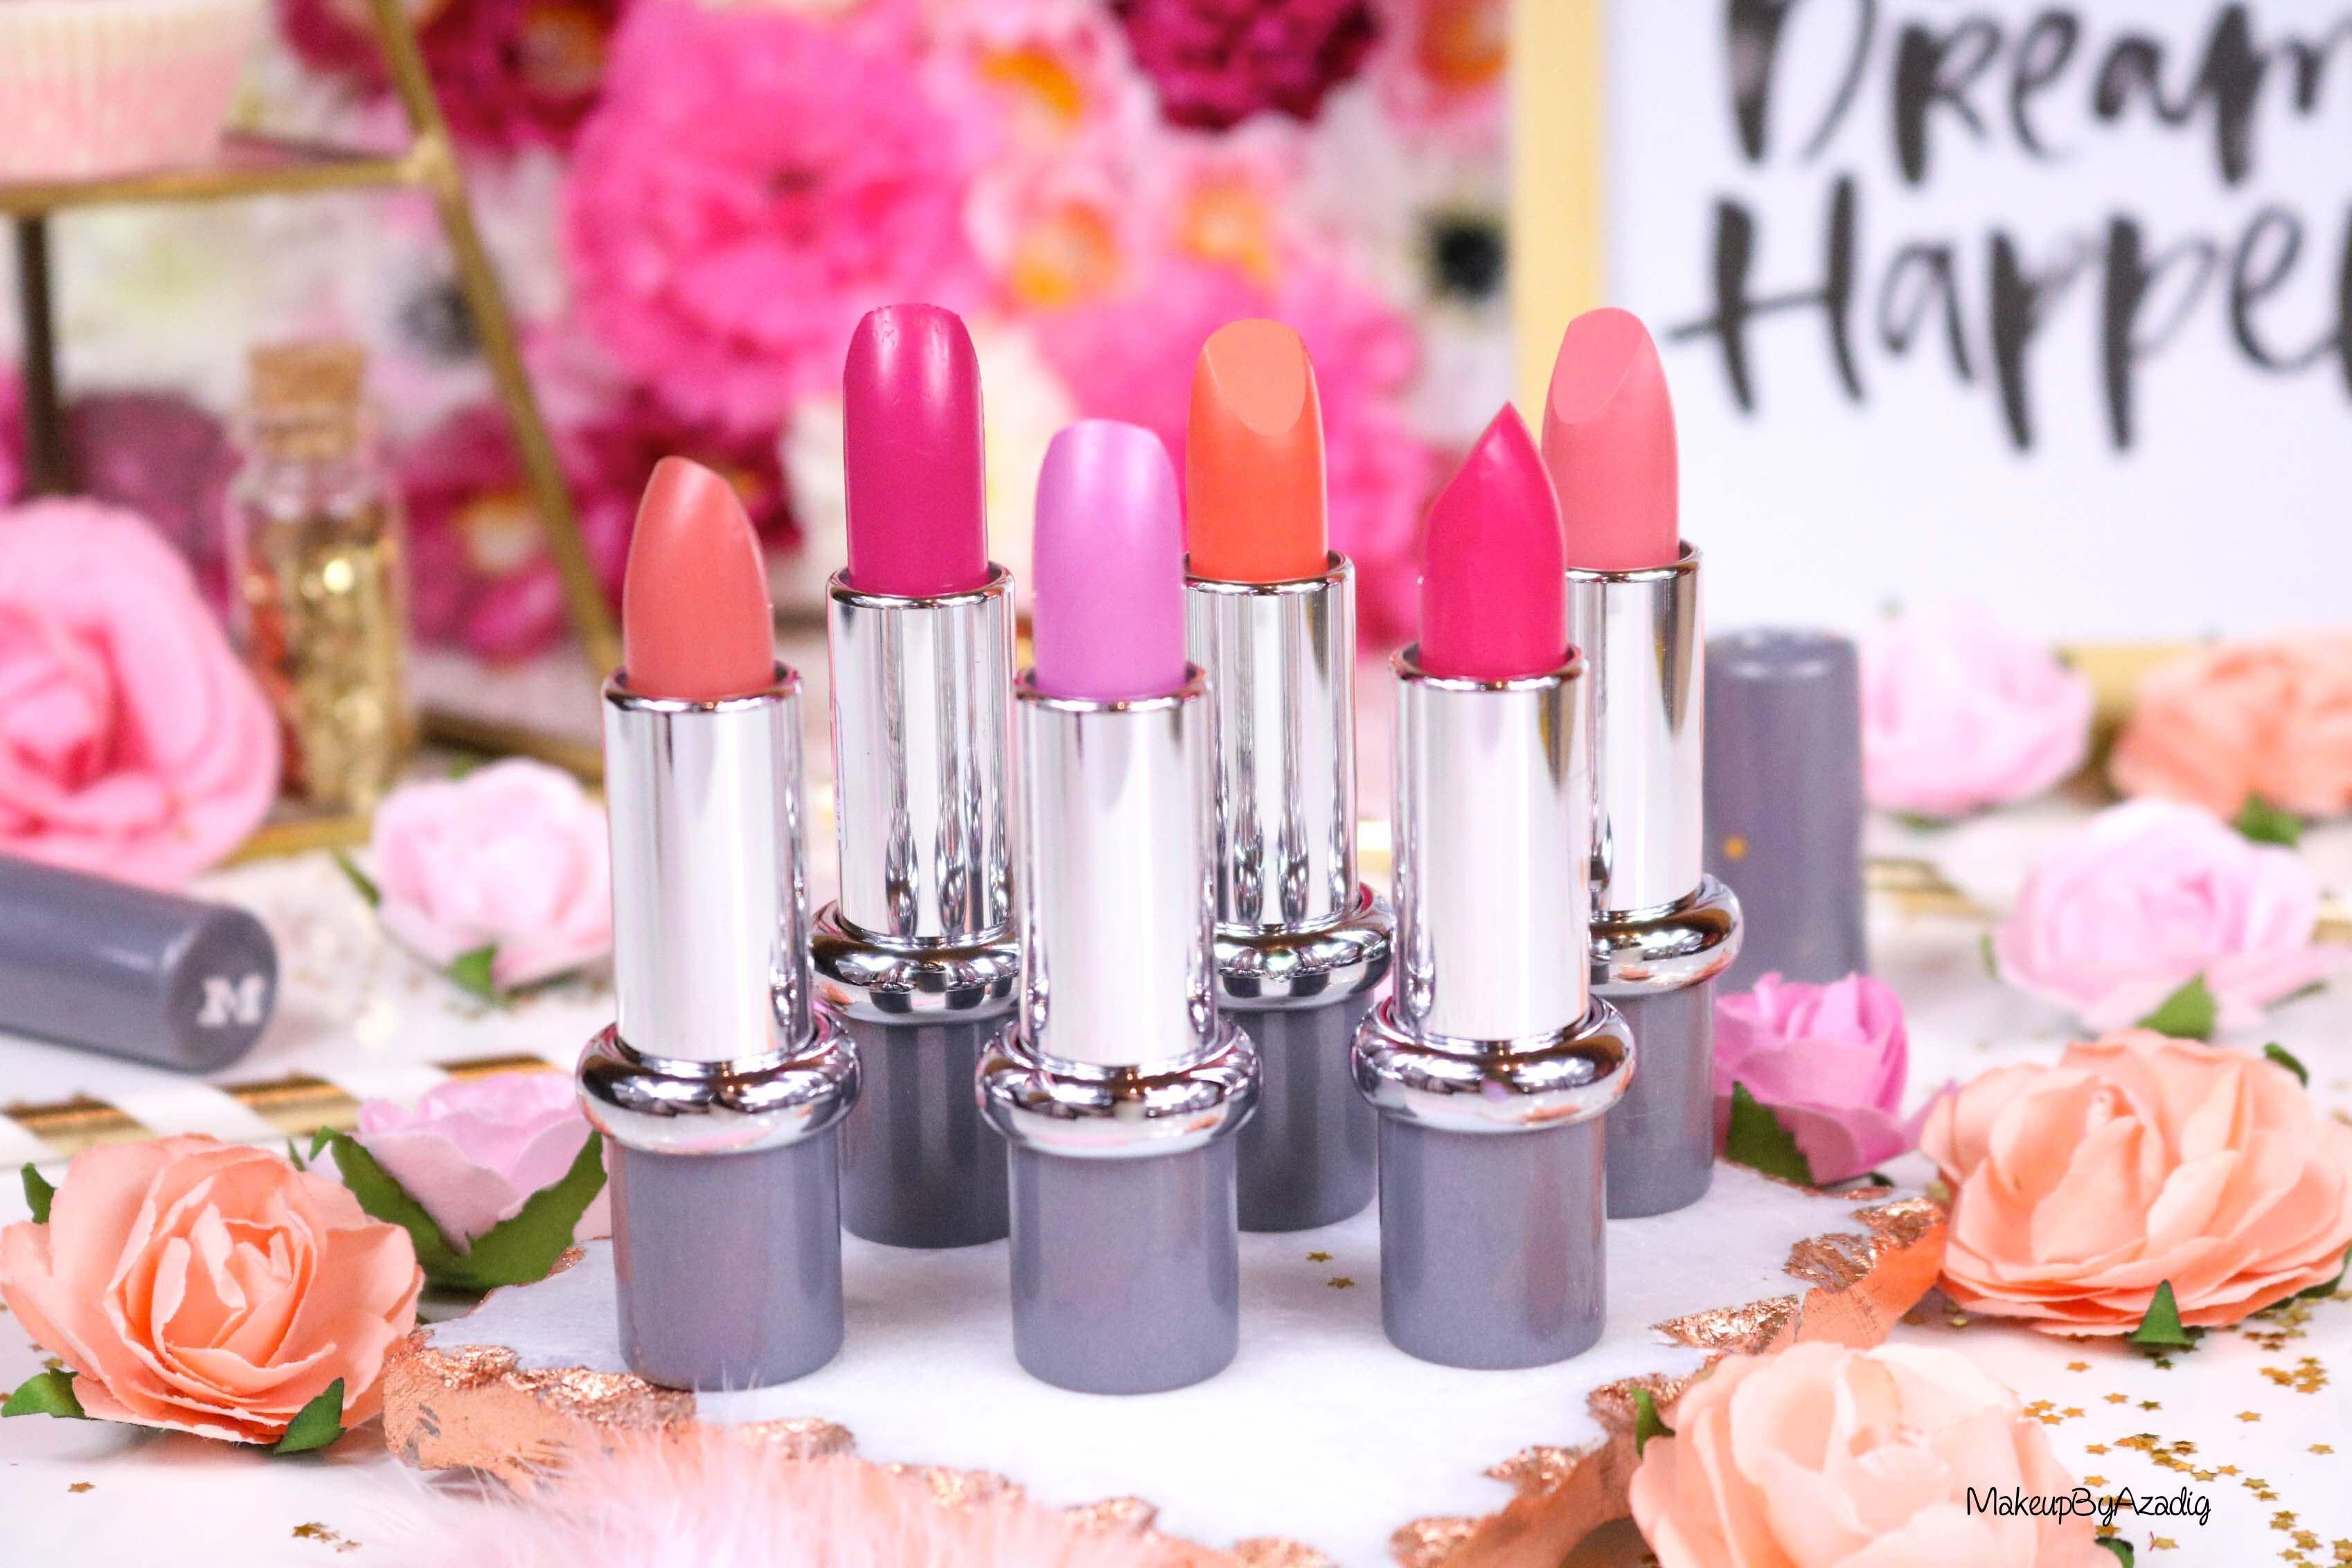 revue-rouge-levres-mavala-soin-monoprix-collection-printemps-ete-rose-nude-violet-avis-prix-makeupbyazadig-lipstickaddict